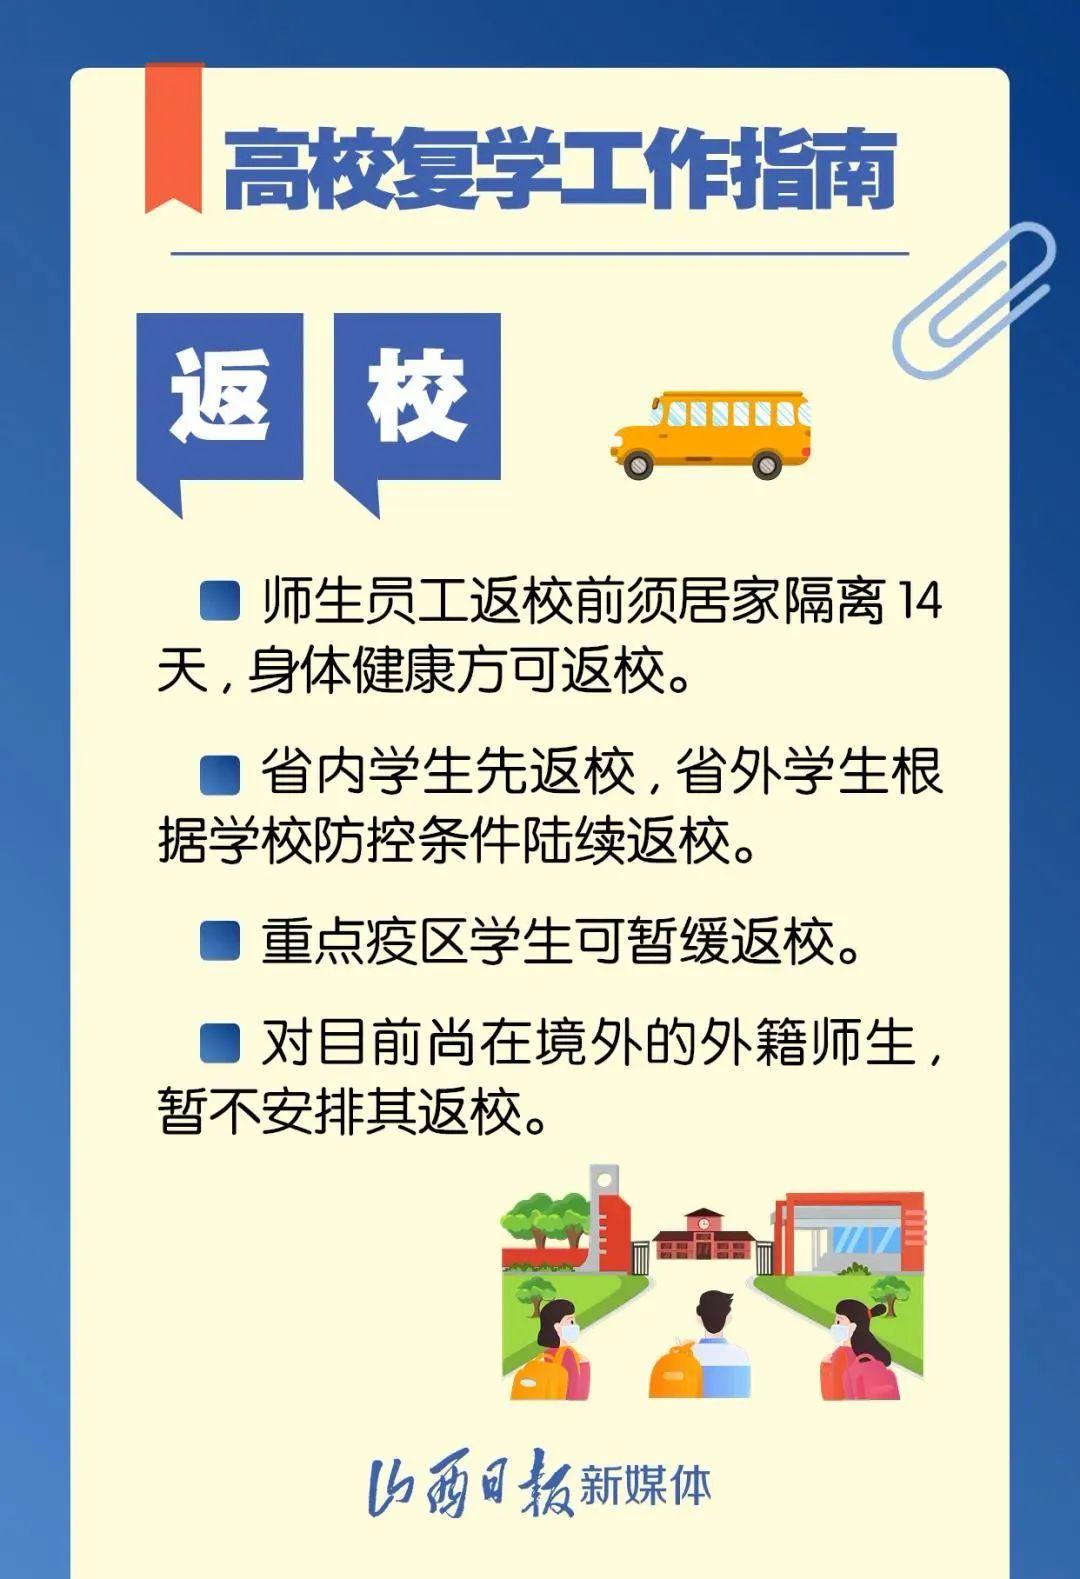 杏悦娱乐:6张海报一起来杏悦娱乐看高校复学工图片